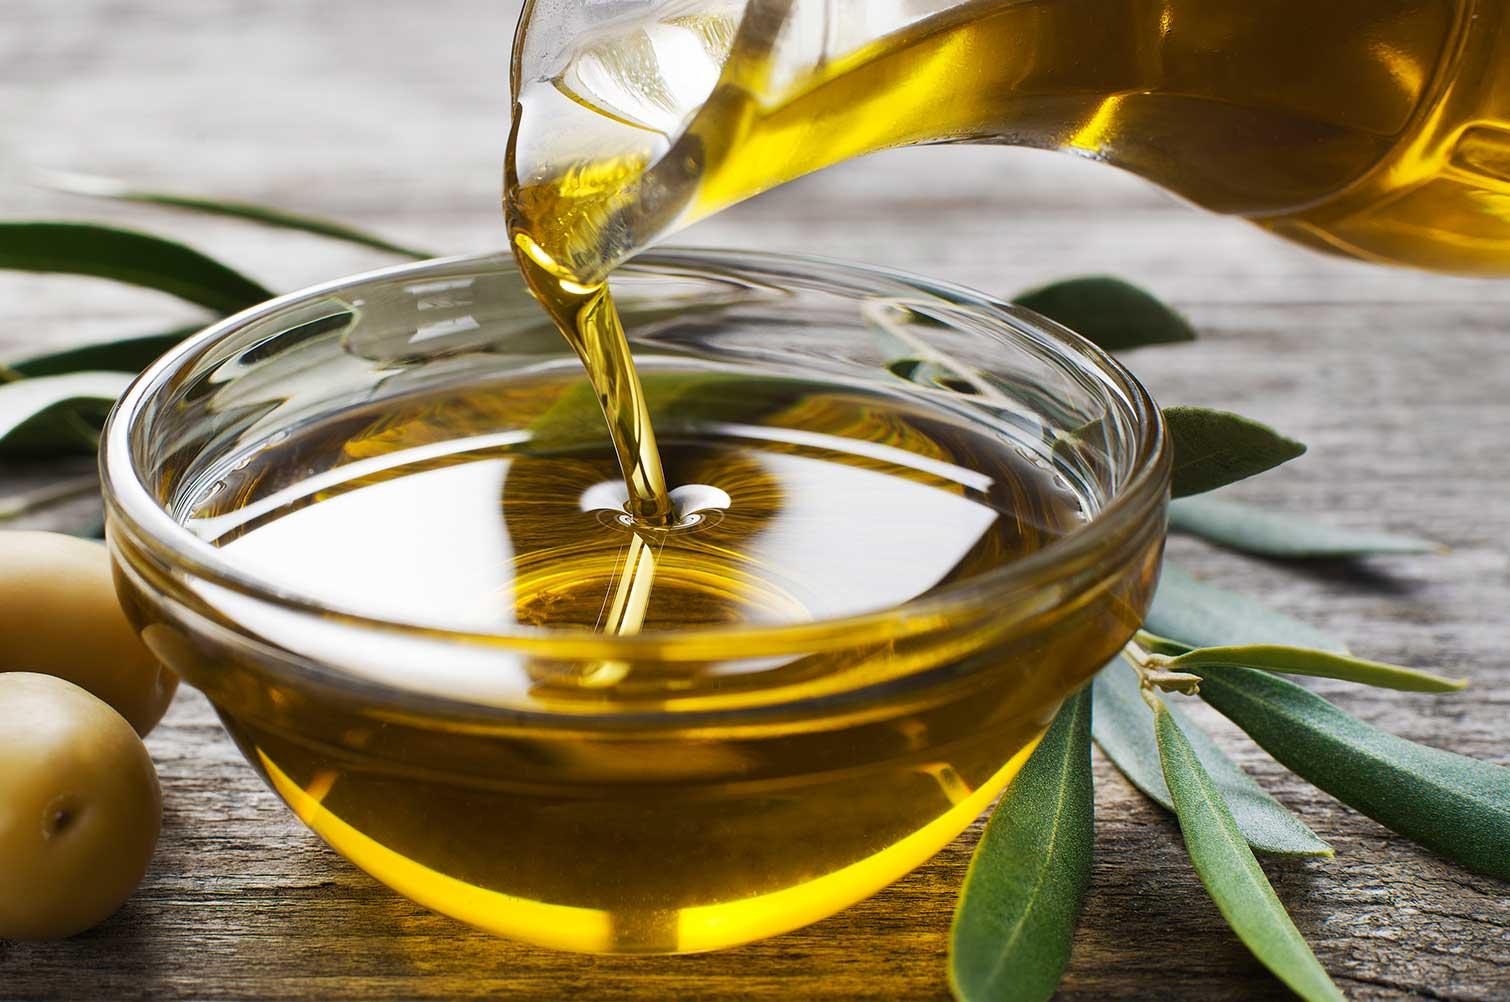 น้ำมันมะกอกบำรุงผิว, ประโยชน์ของน้ำมันมะกอก,โลชั่นทาผิวน้ำมันมะกอก, ครีมบำรุงผิวกาย, ครีมทาผิวขาว